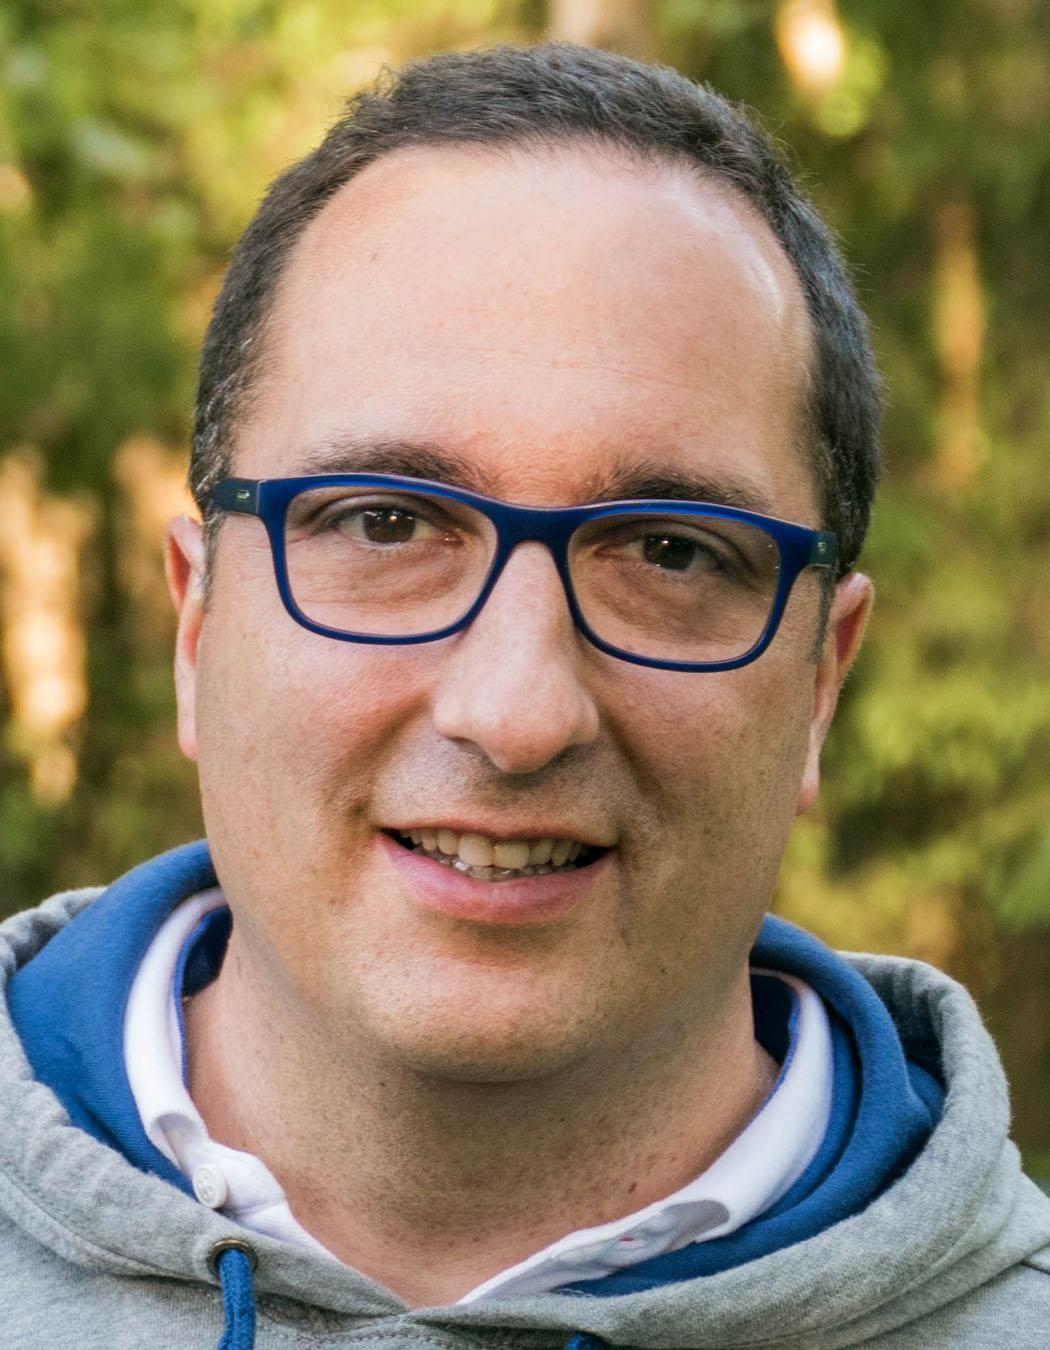 David Palet